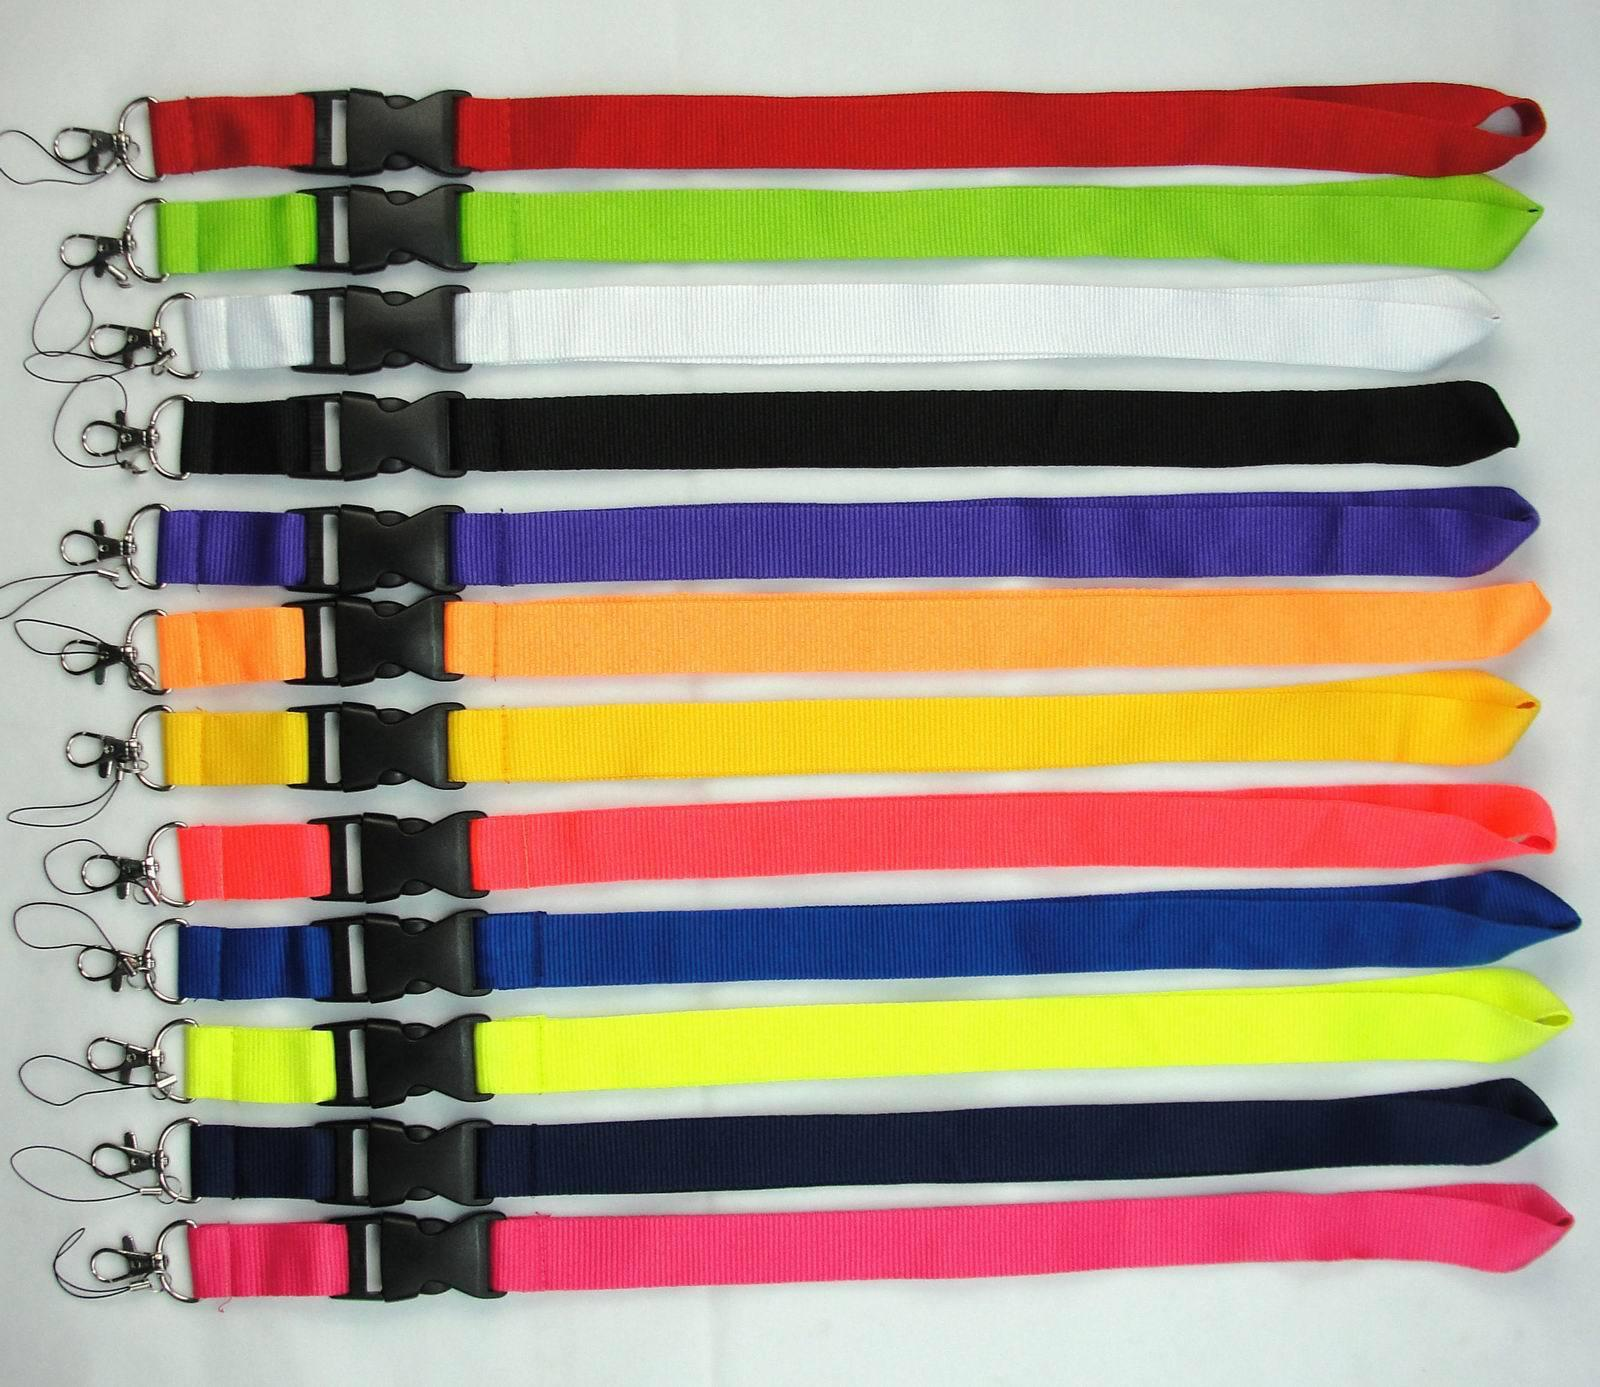 Нейлоновый ремешок для цепь брелок брелок для одежды ремешок для одежды для мобильного телефона брелок шеи шеи сплошной цвет ID рабочей карты ремешки